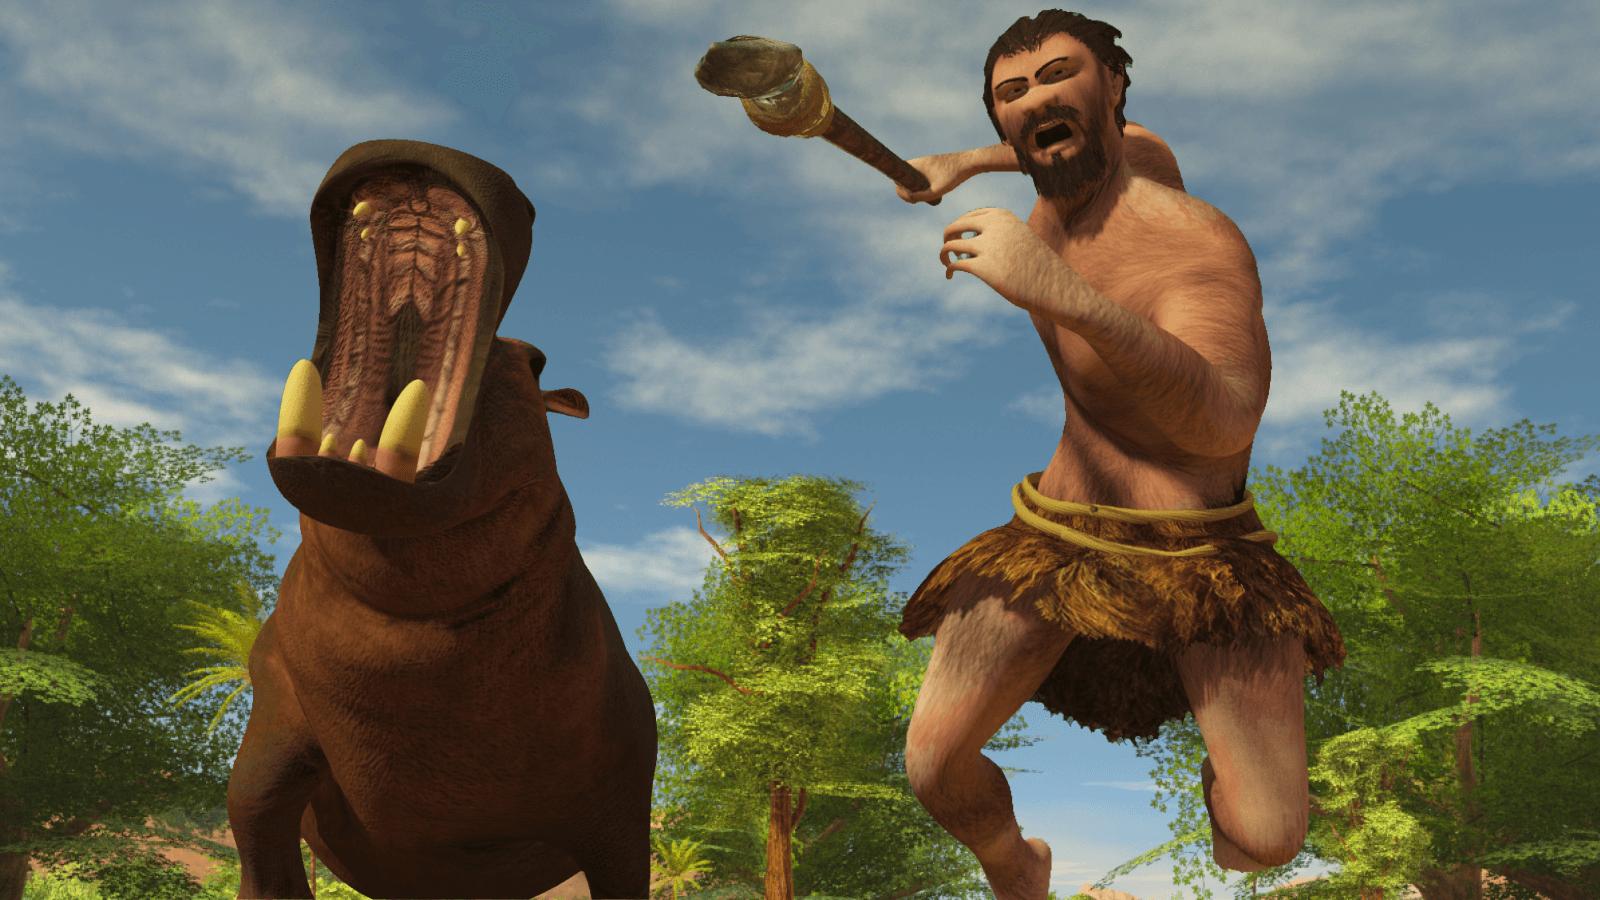 Erectus the Game Closed Beta Announced